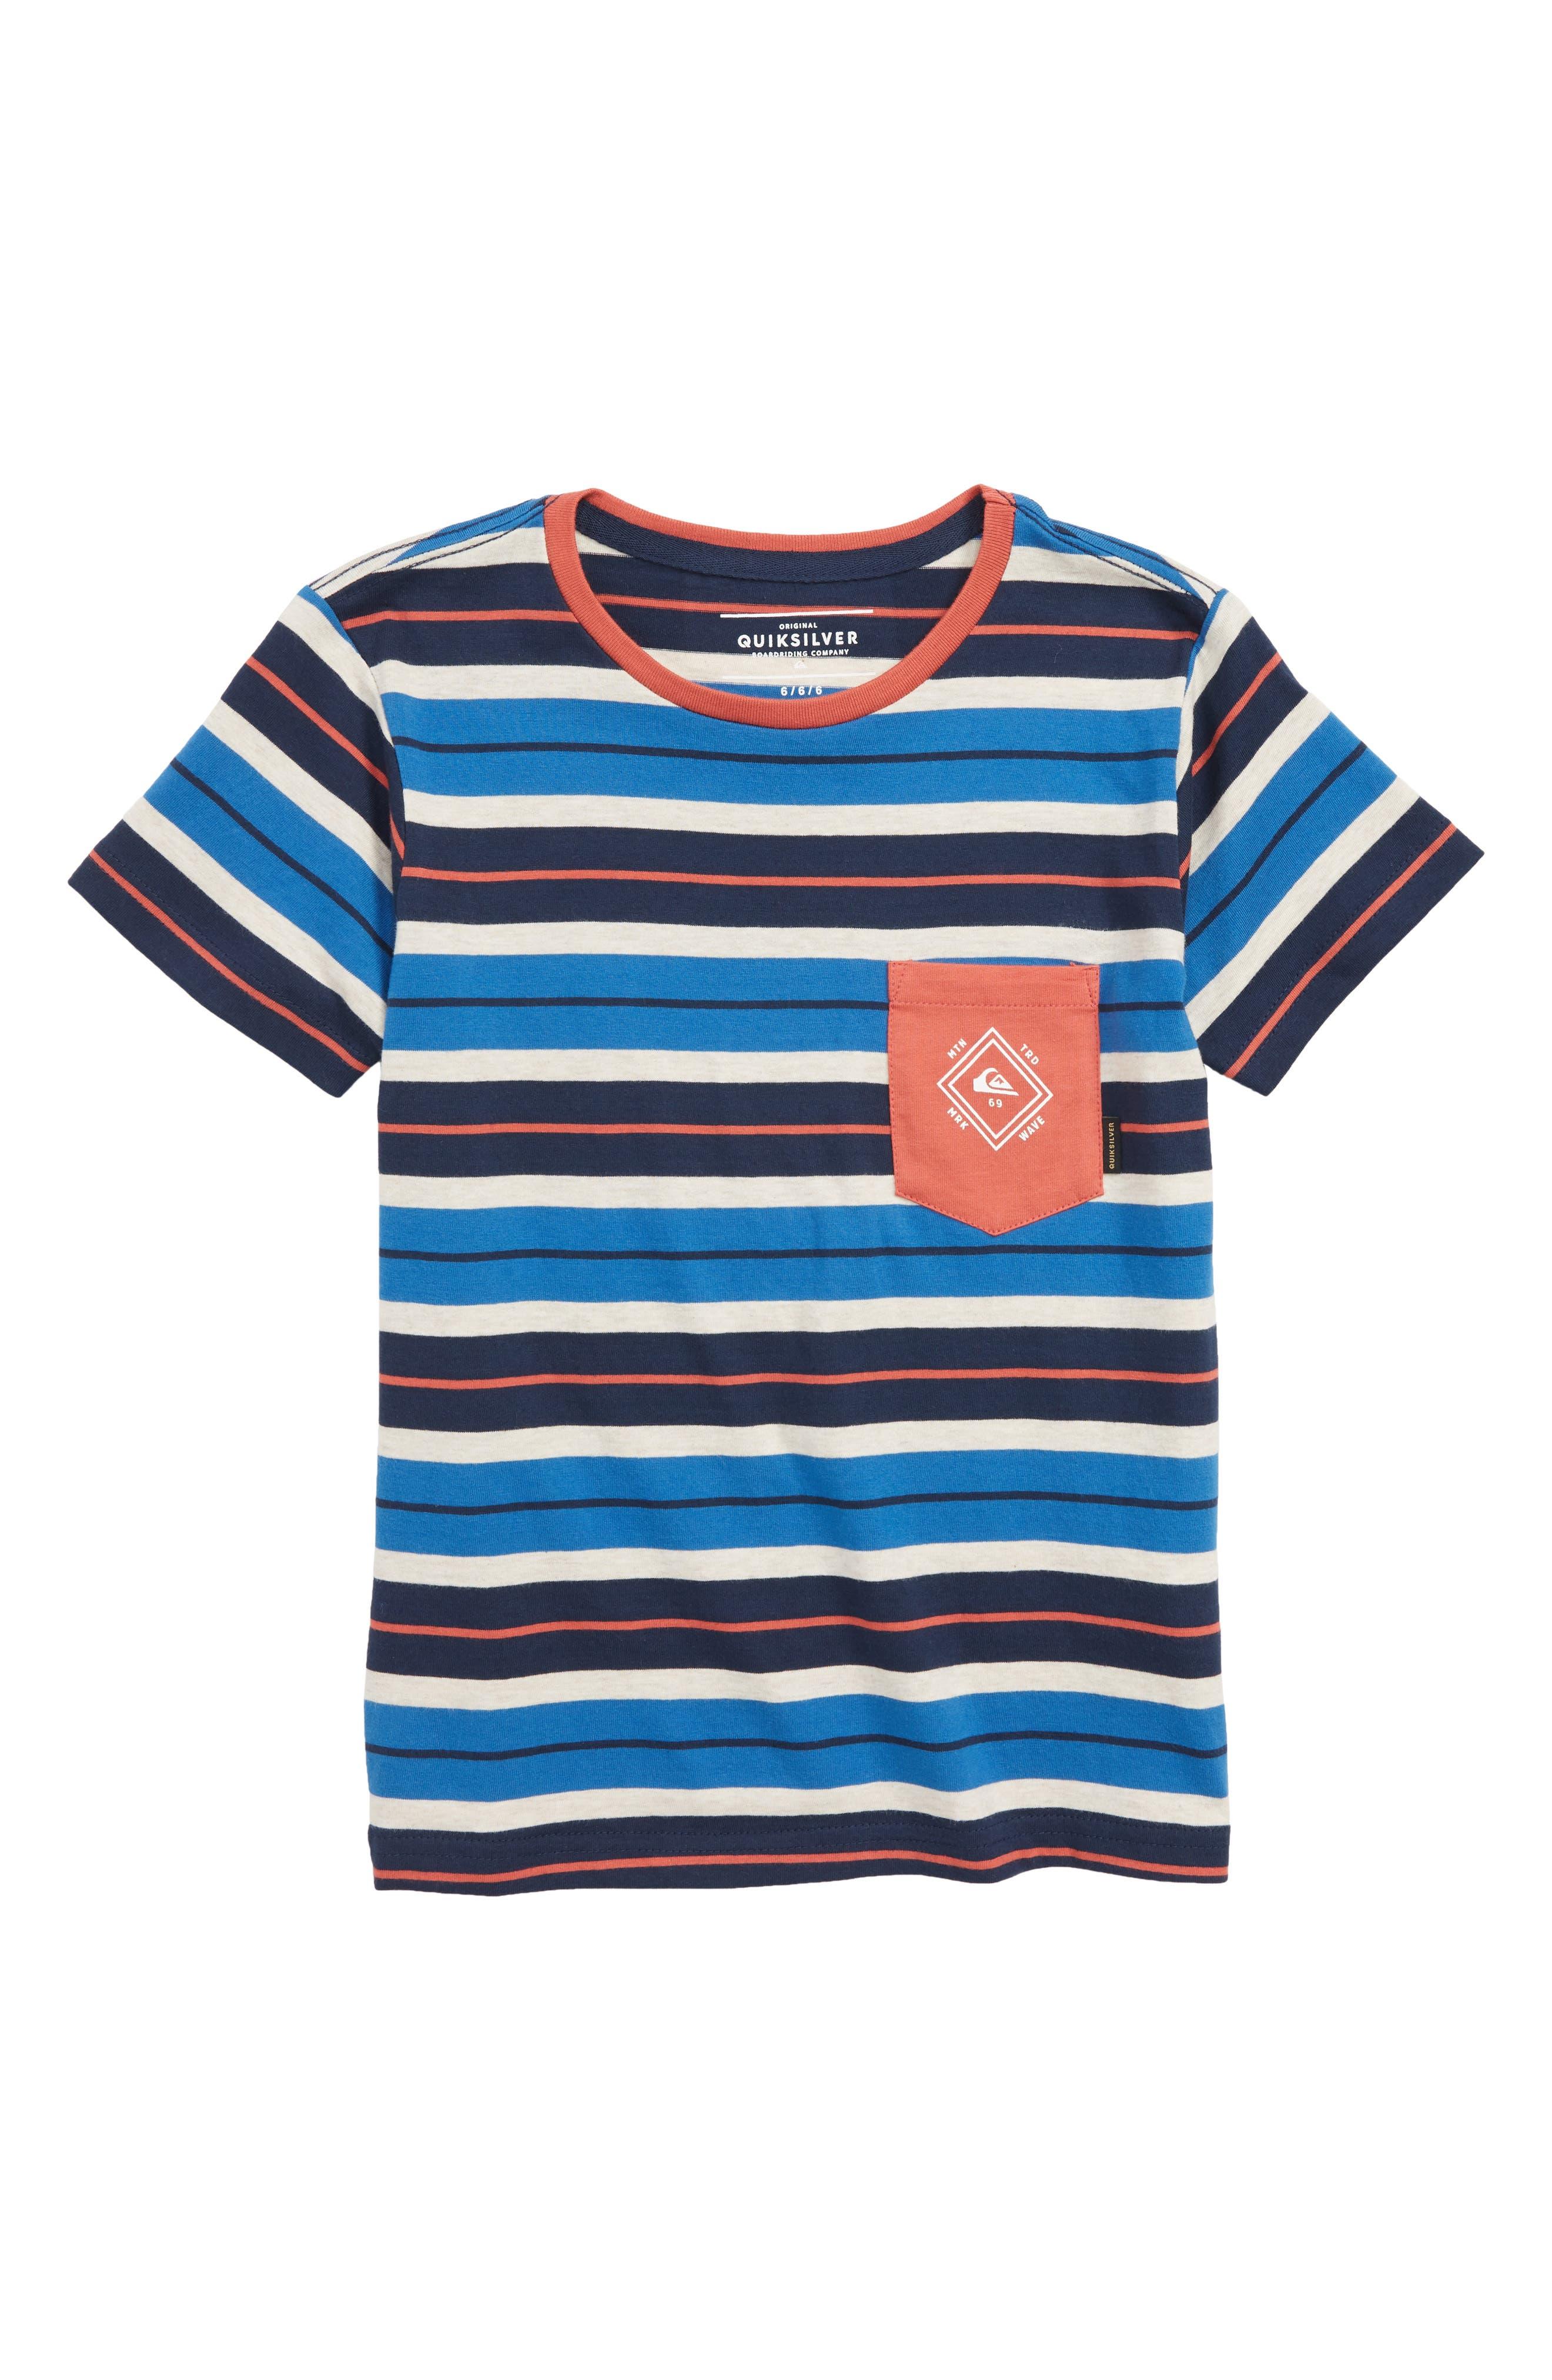 Oloa Stripe Shirt,                         Main,                         color, Bright Cobalt